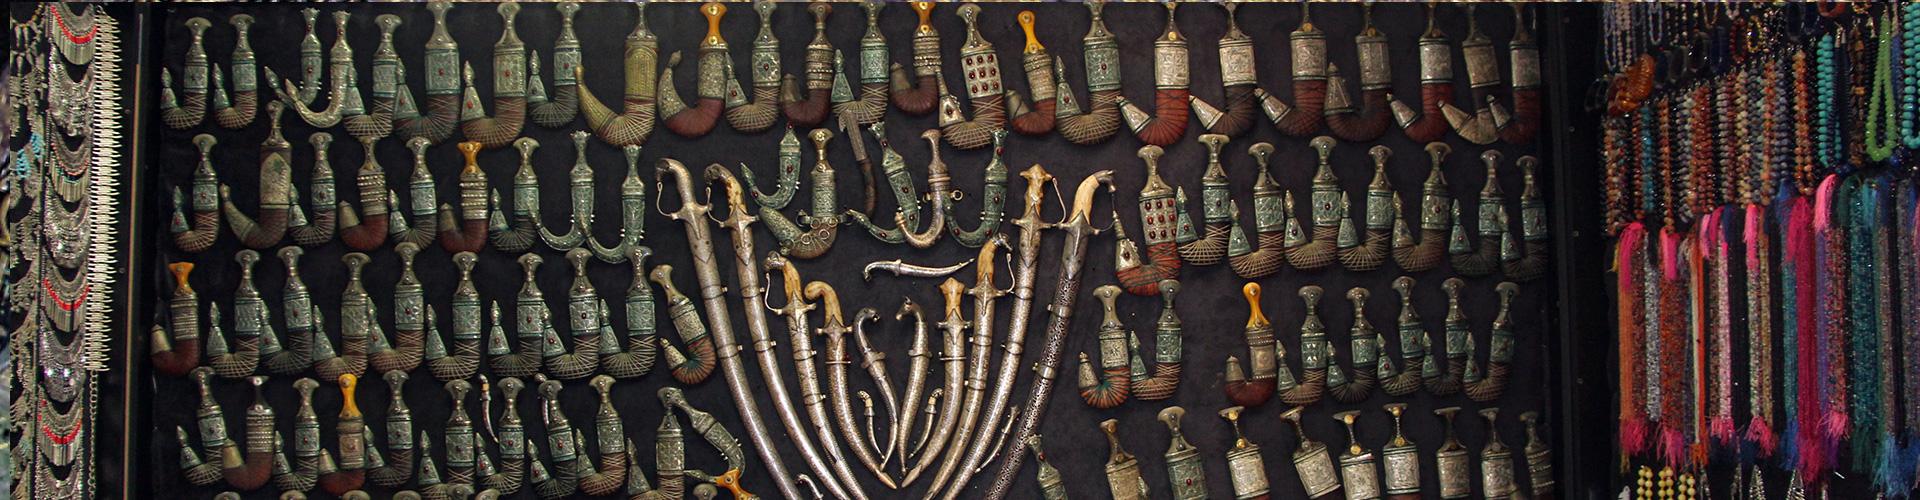 Souvenir Shop in Dubai